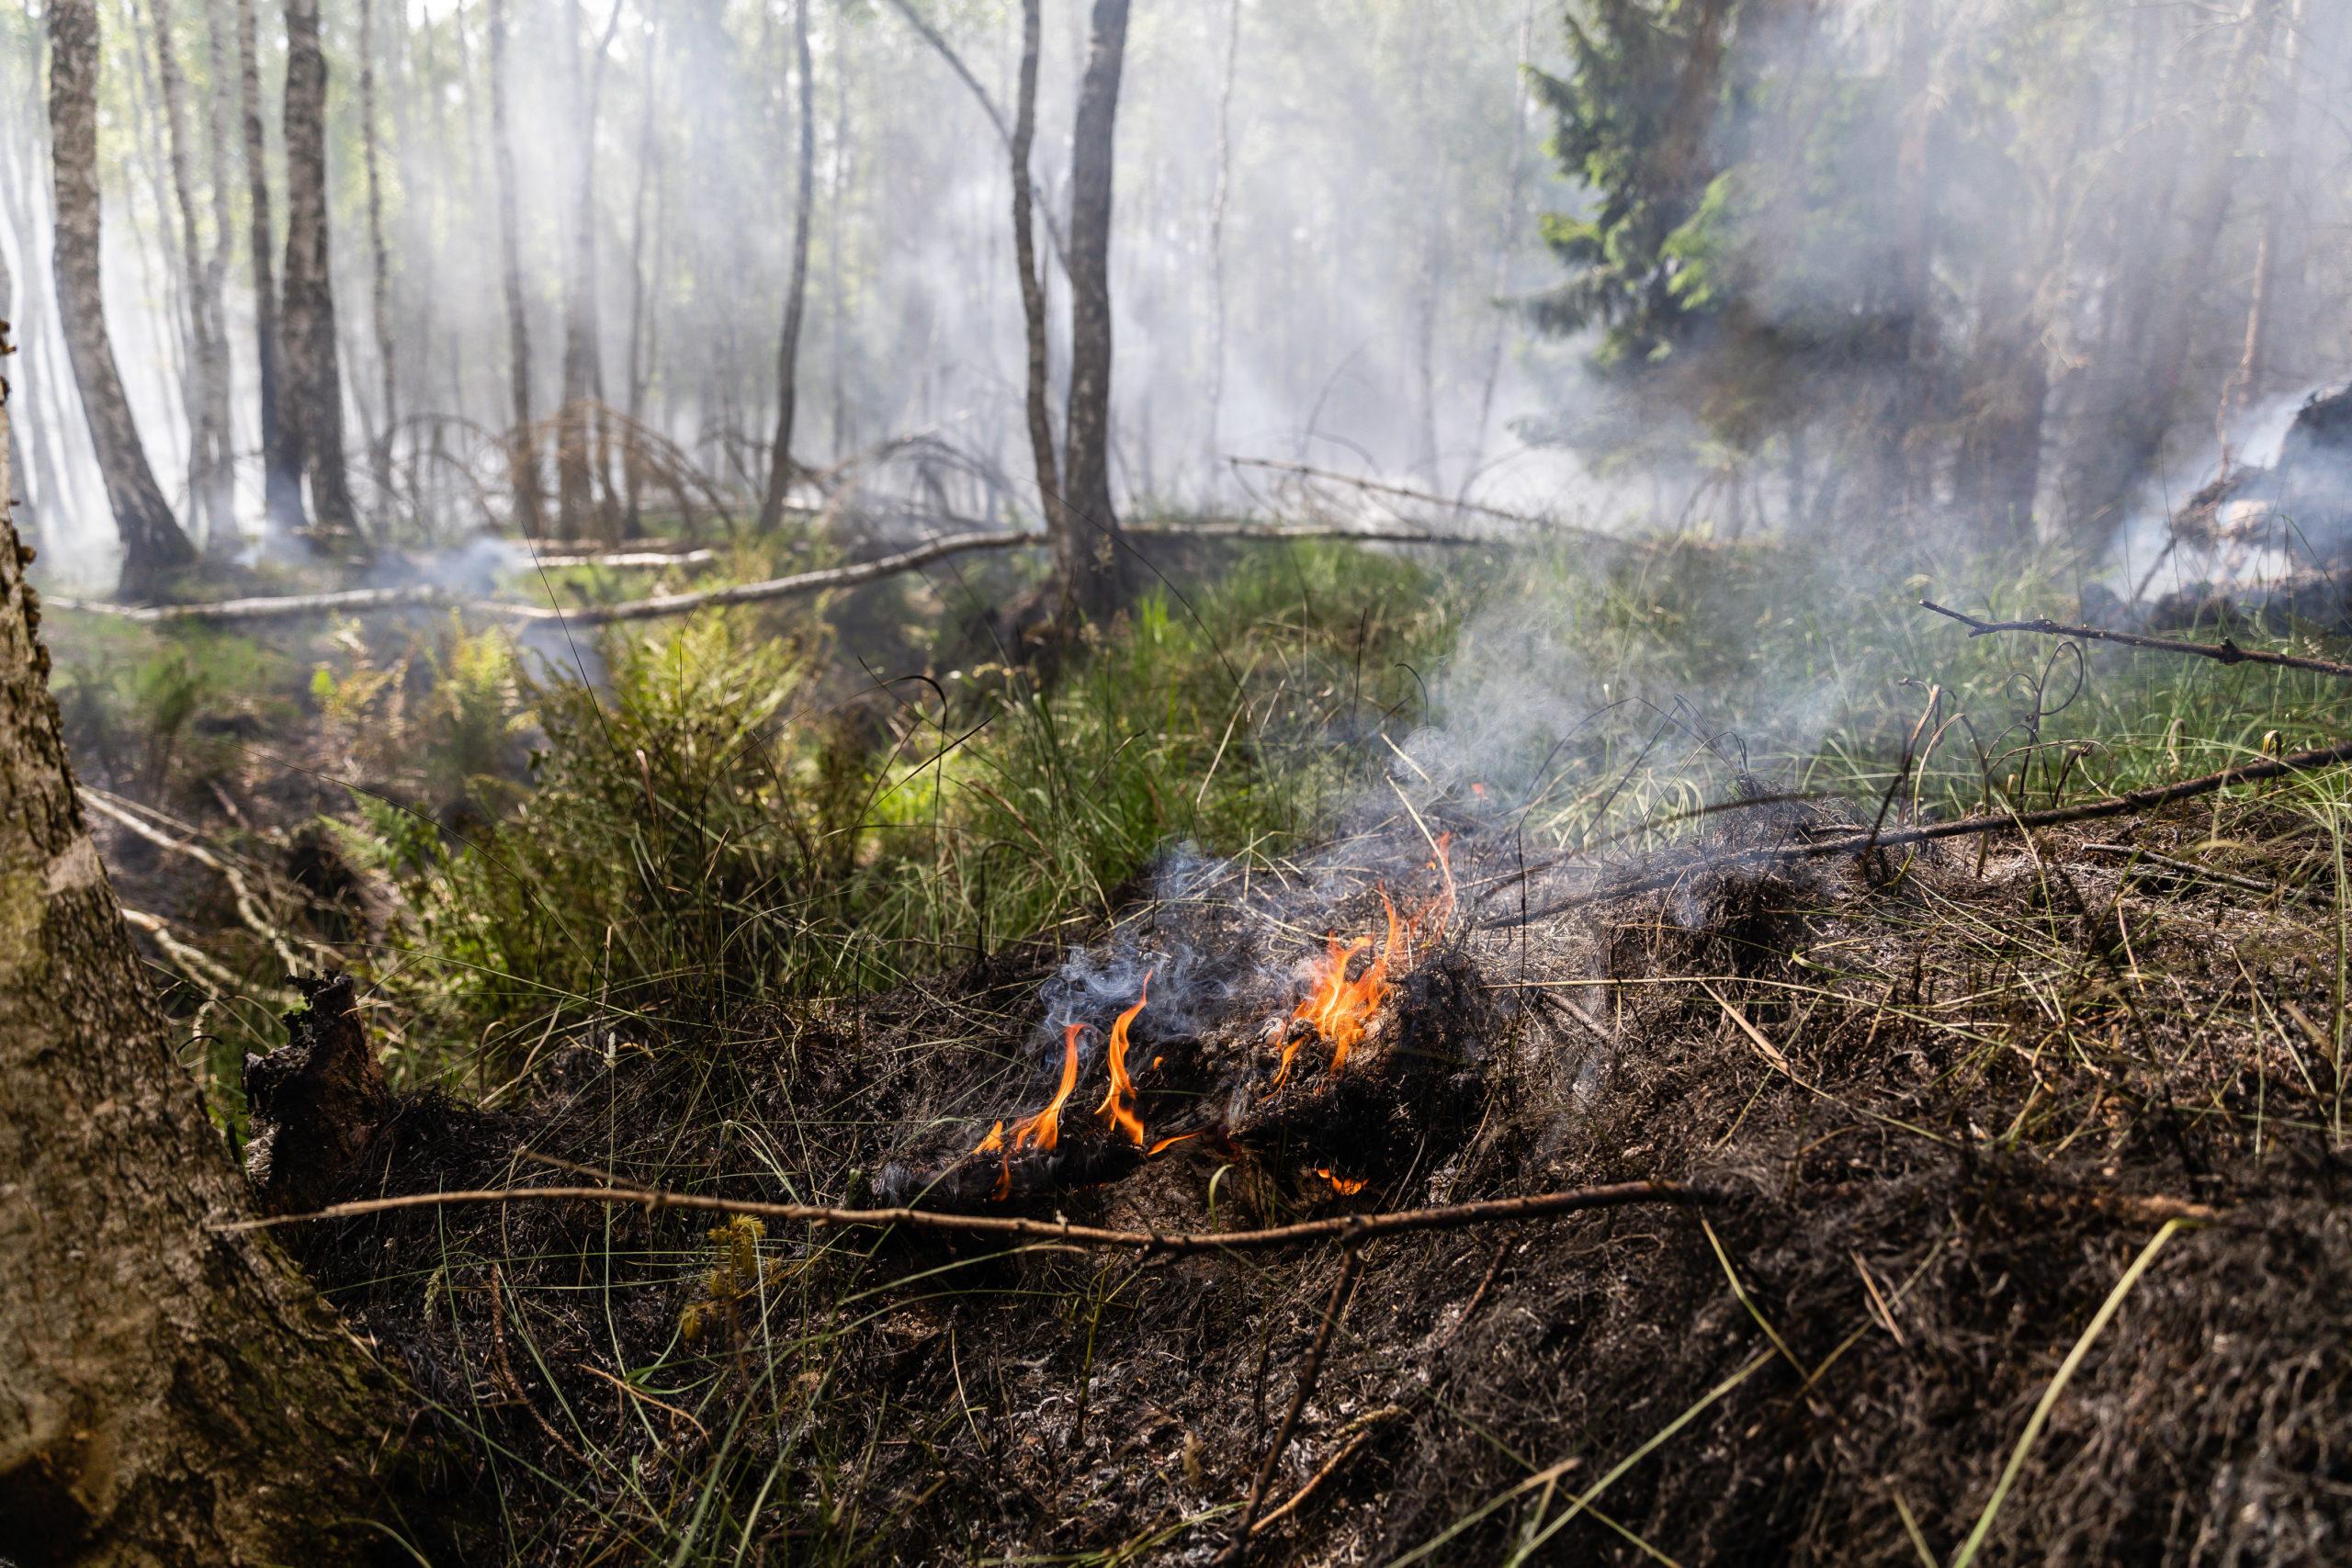 Waldbrand-Rund-5-000-Quadratmeter-bei-Niesky-in-Flammen